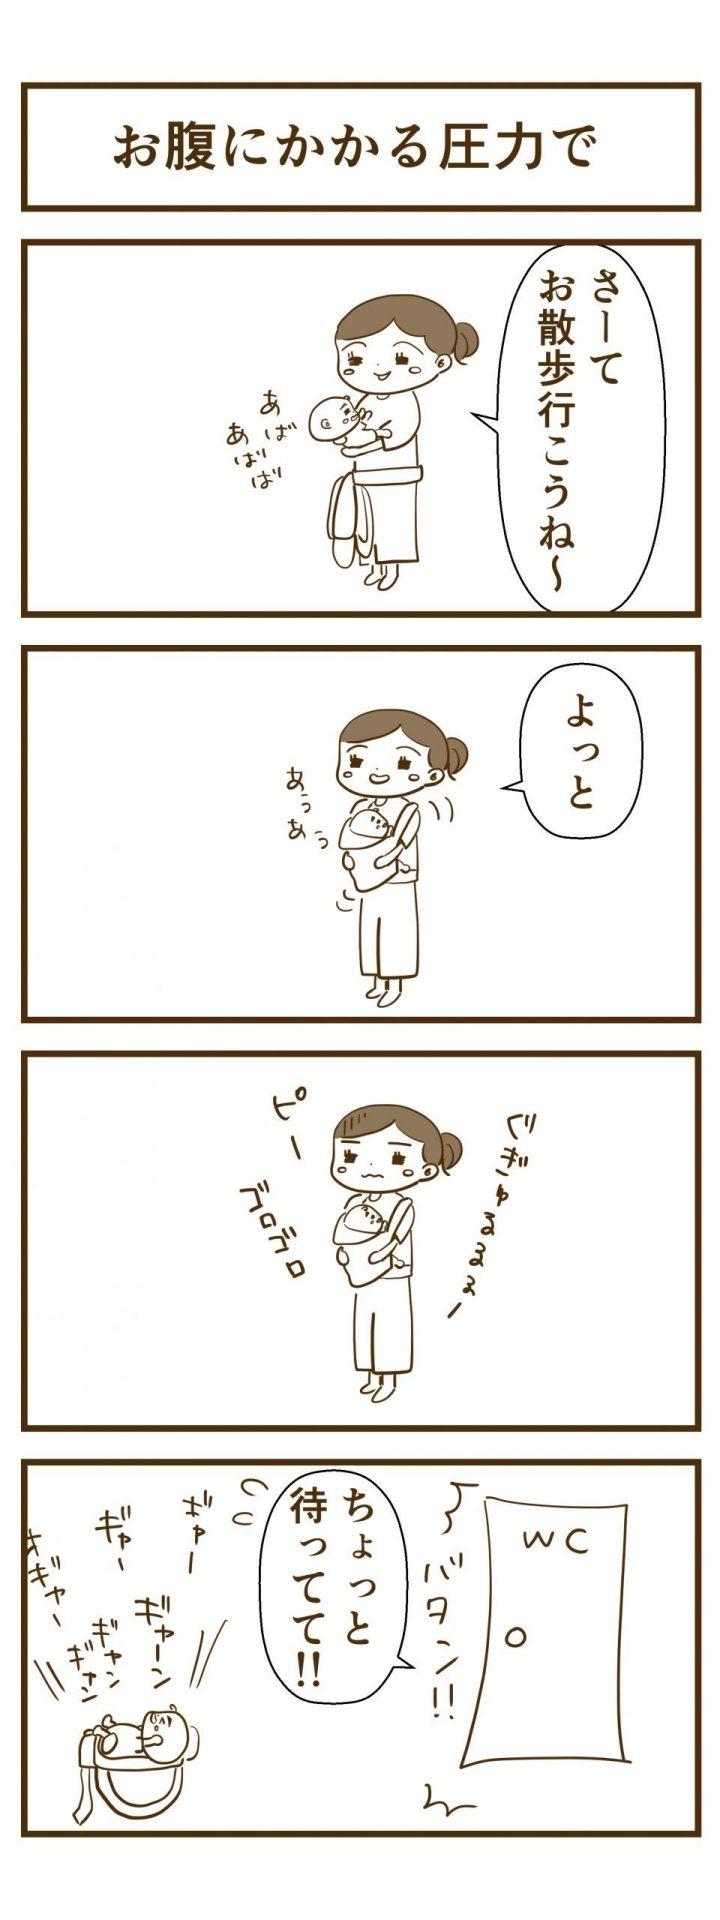 腹圧4コマ